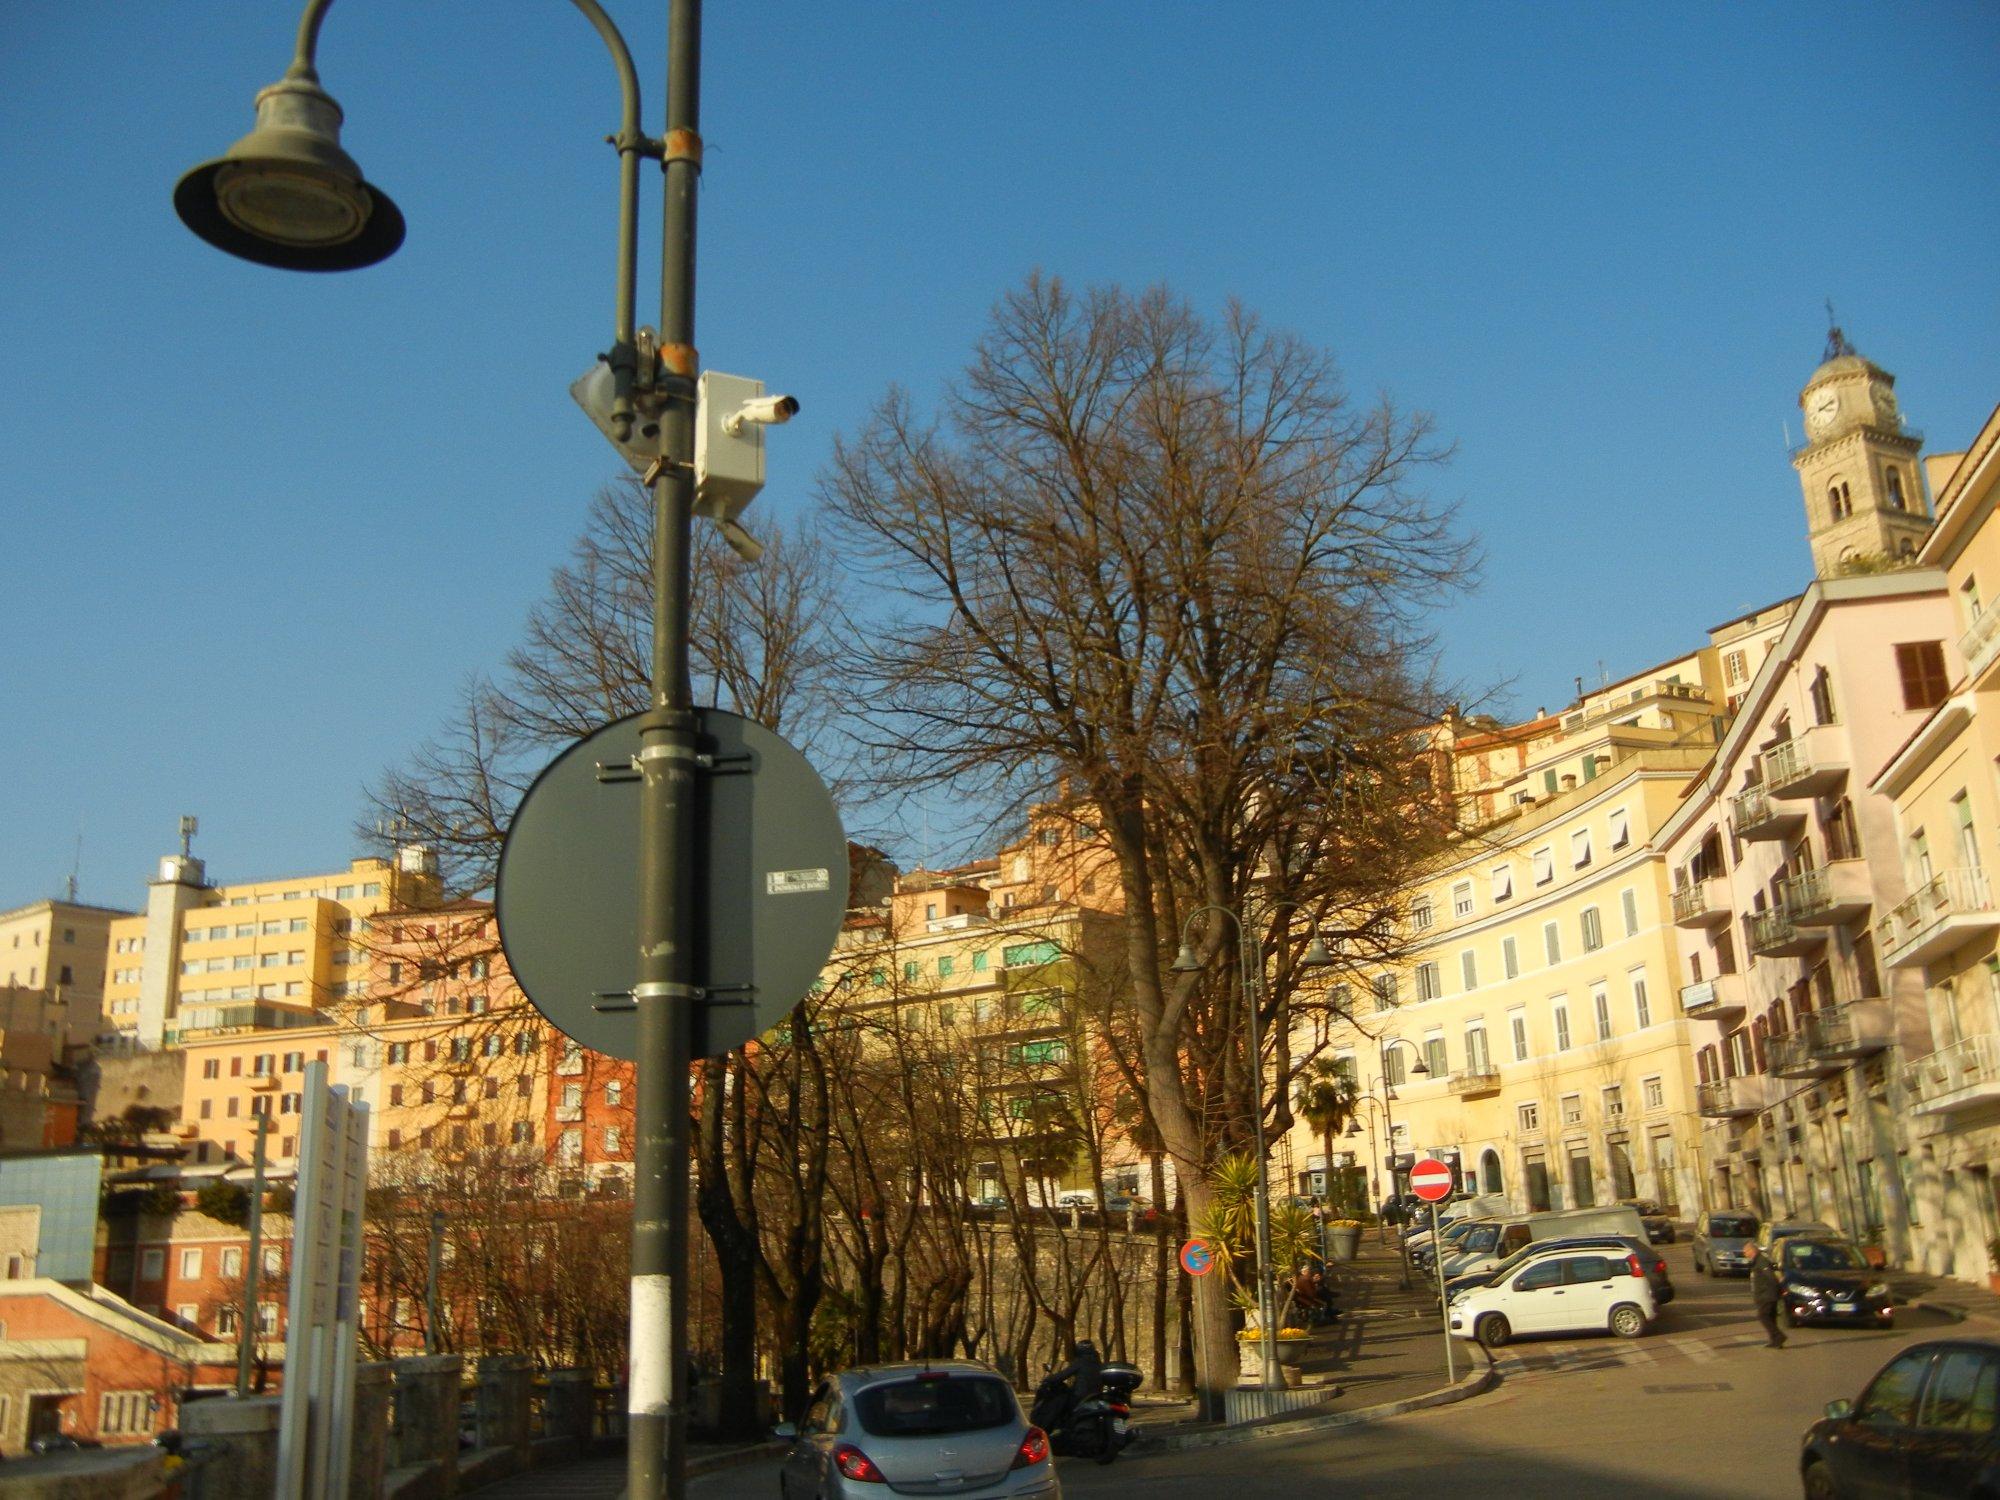 L'Associazione Medici di Famiglia per l'Ambiente di Frosinone e Provincia sulla qualità dell'aria: inquinamento preoccupante per alcuni settori del Capoluogo